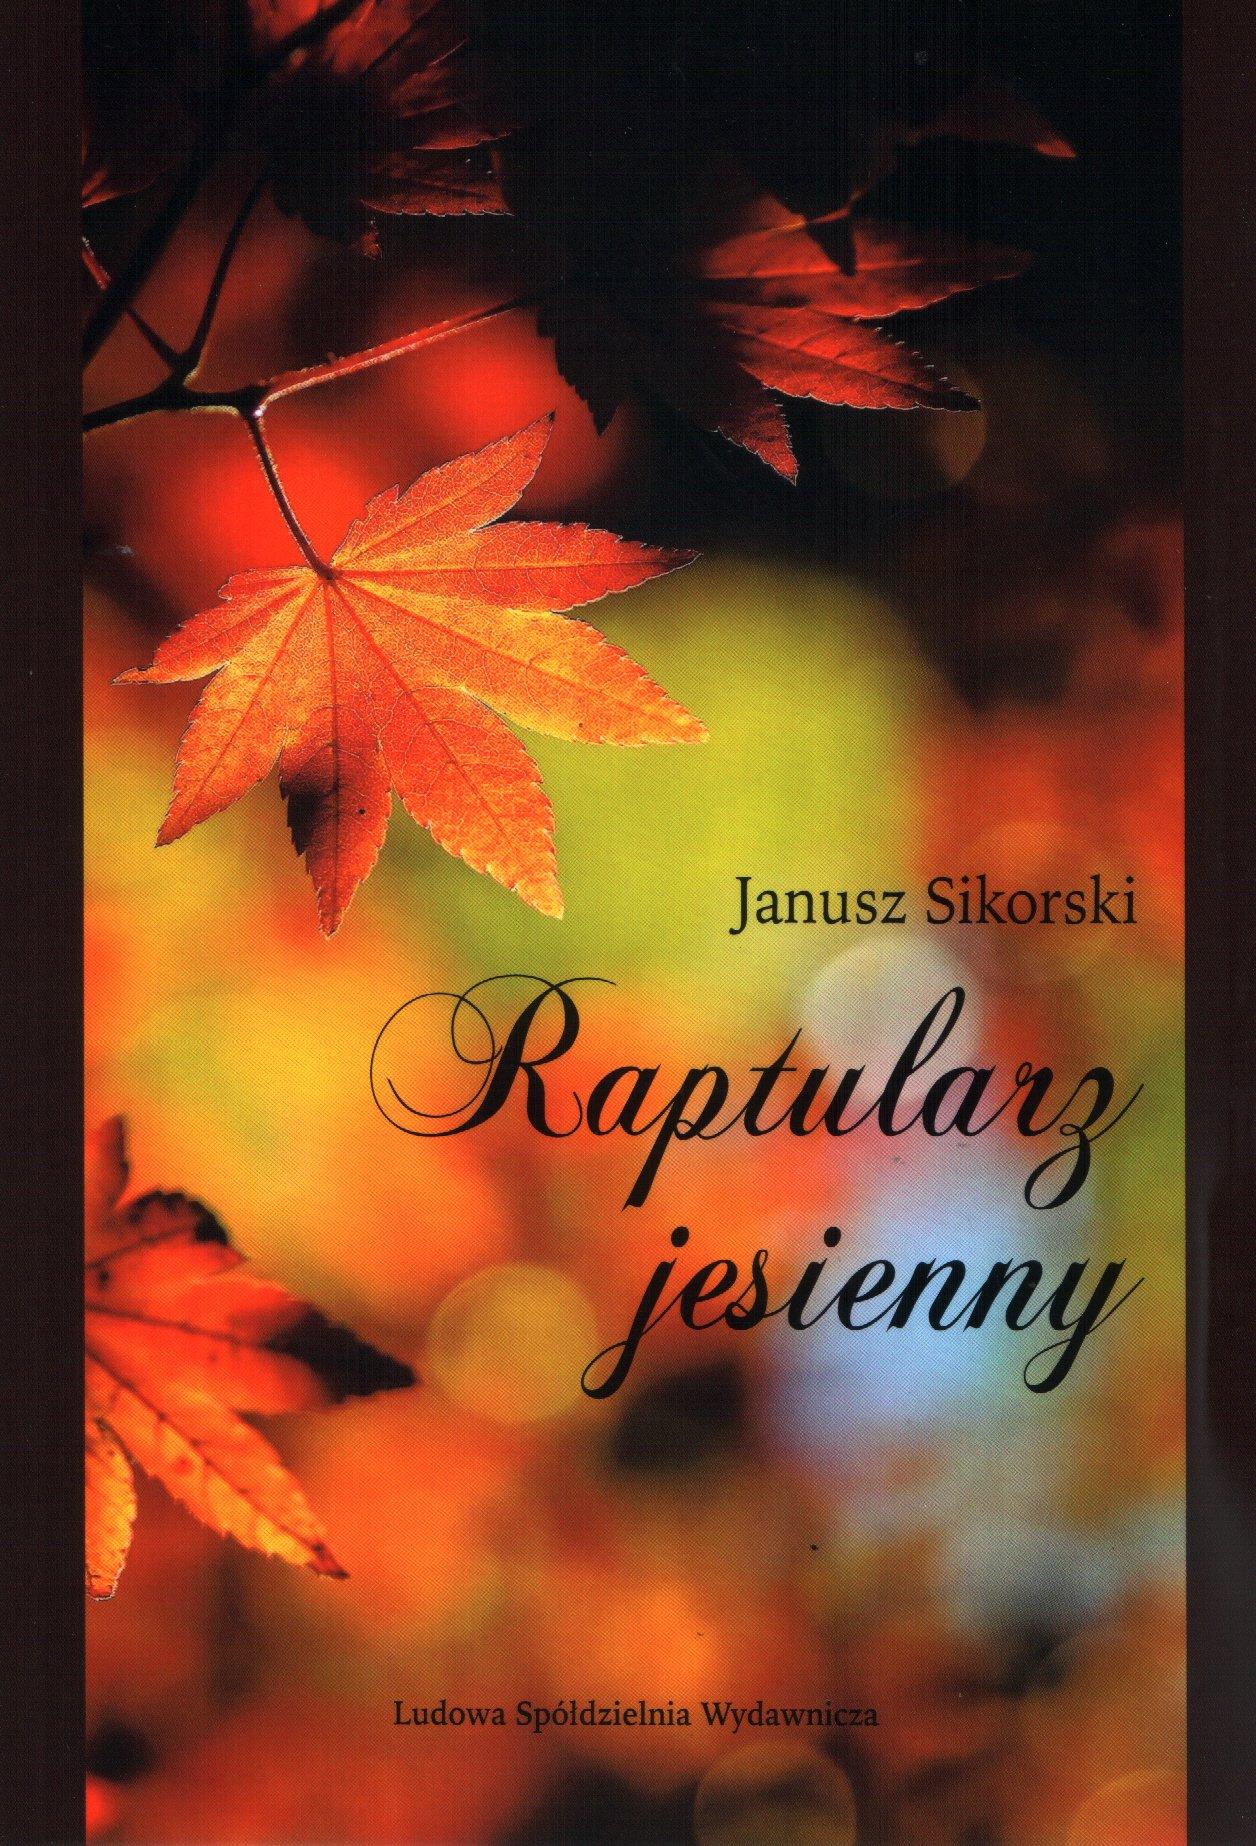 Amazonfr Raptularz Jesienny Janusz Sikorski Livres